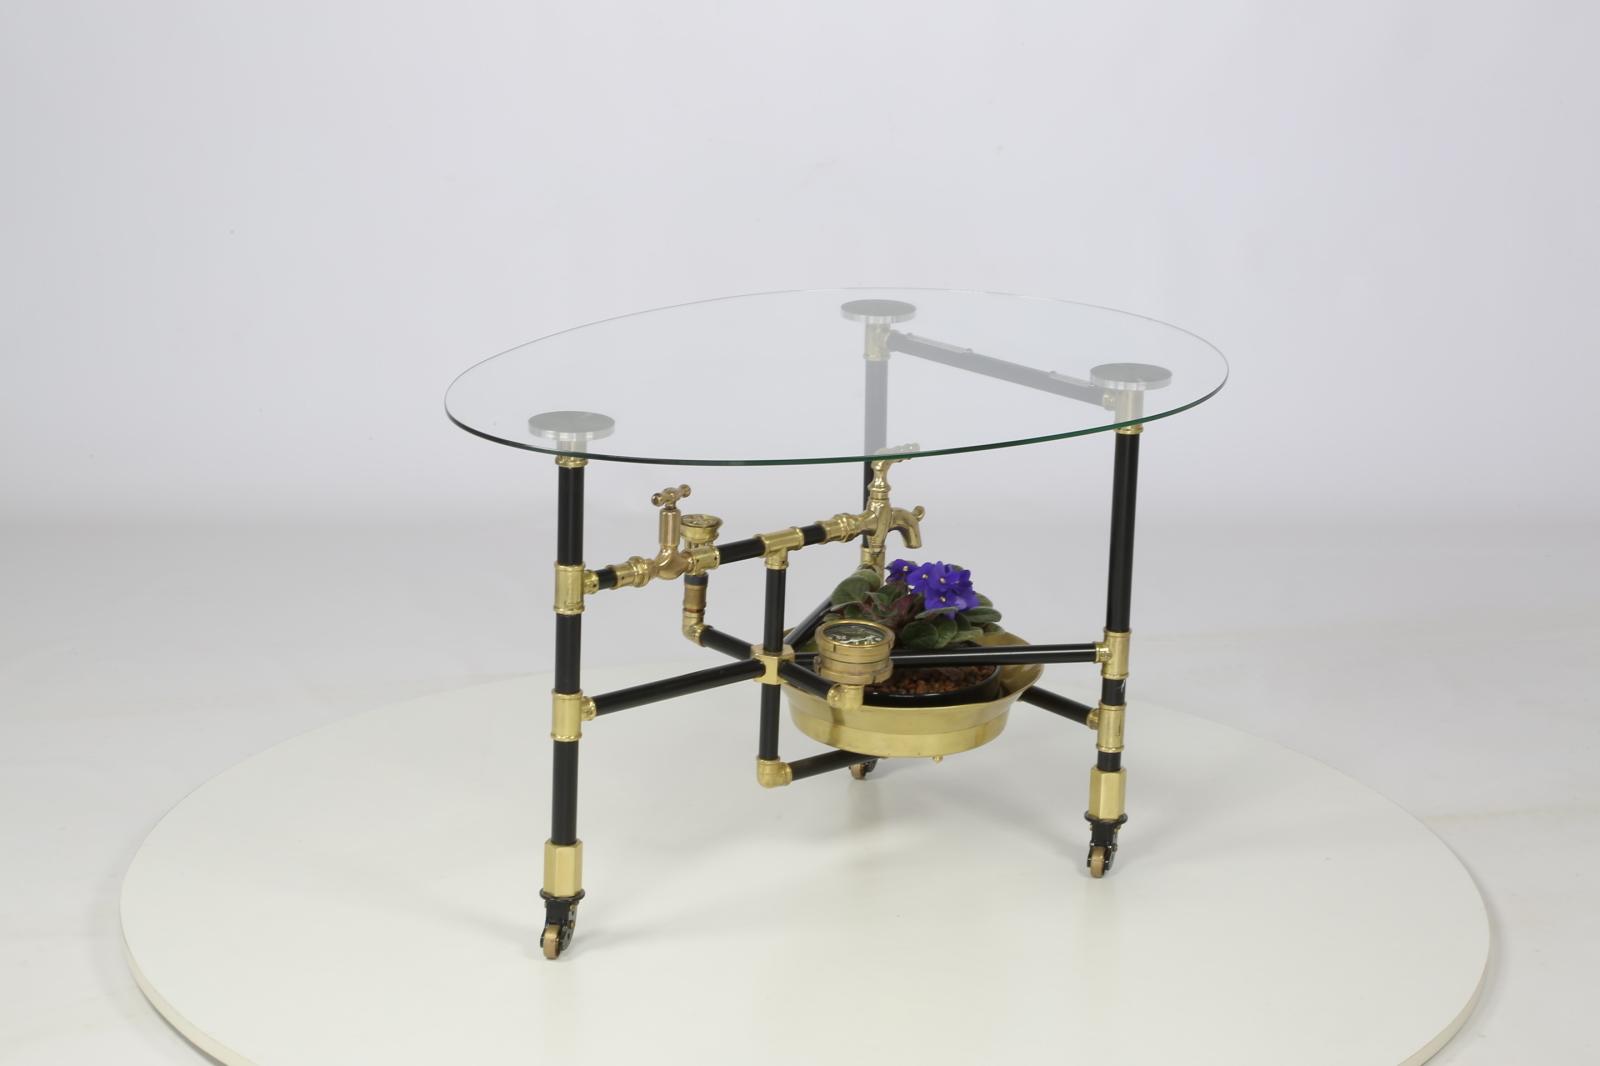 Водопроводно — тазиковый журнальный столик